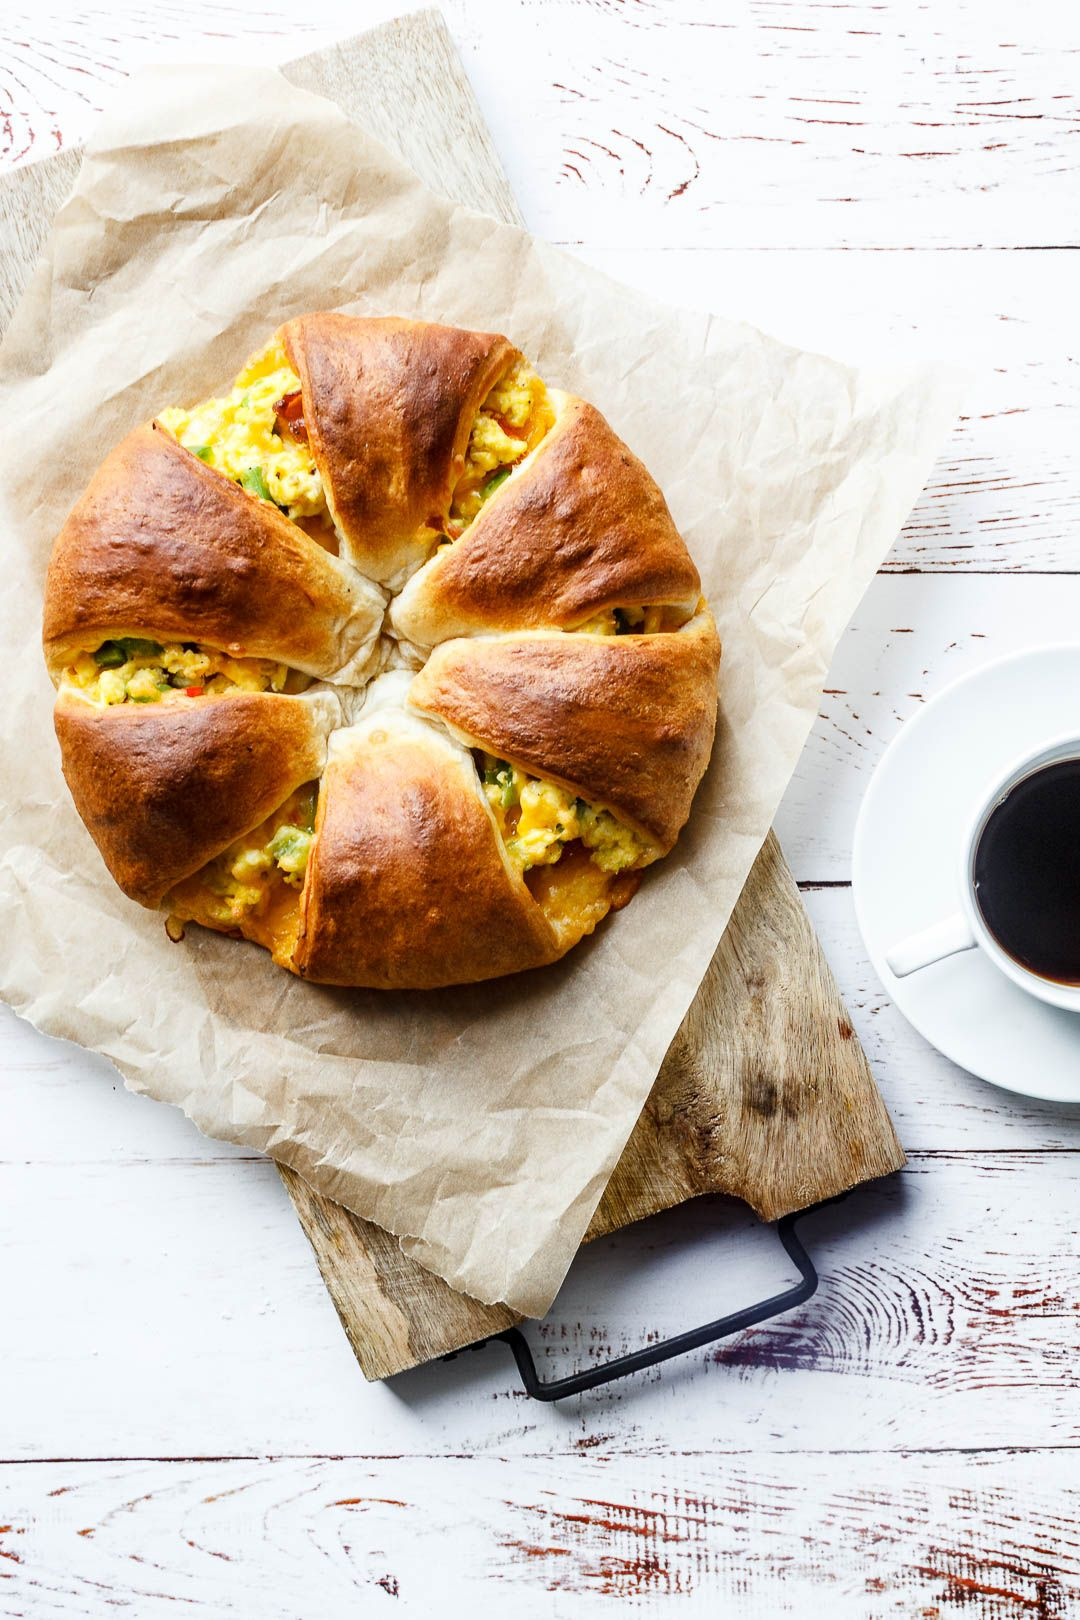 Morgenmadskrans Med æg Og Bacon